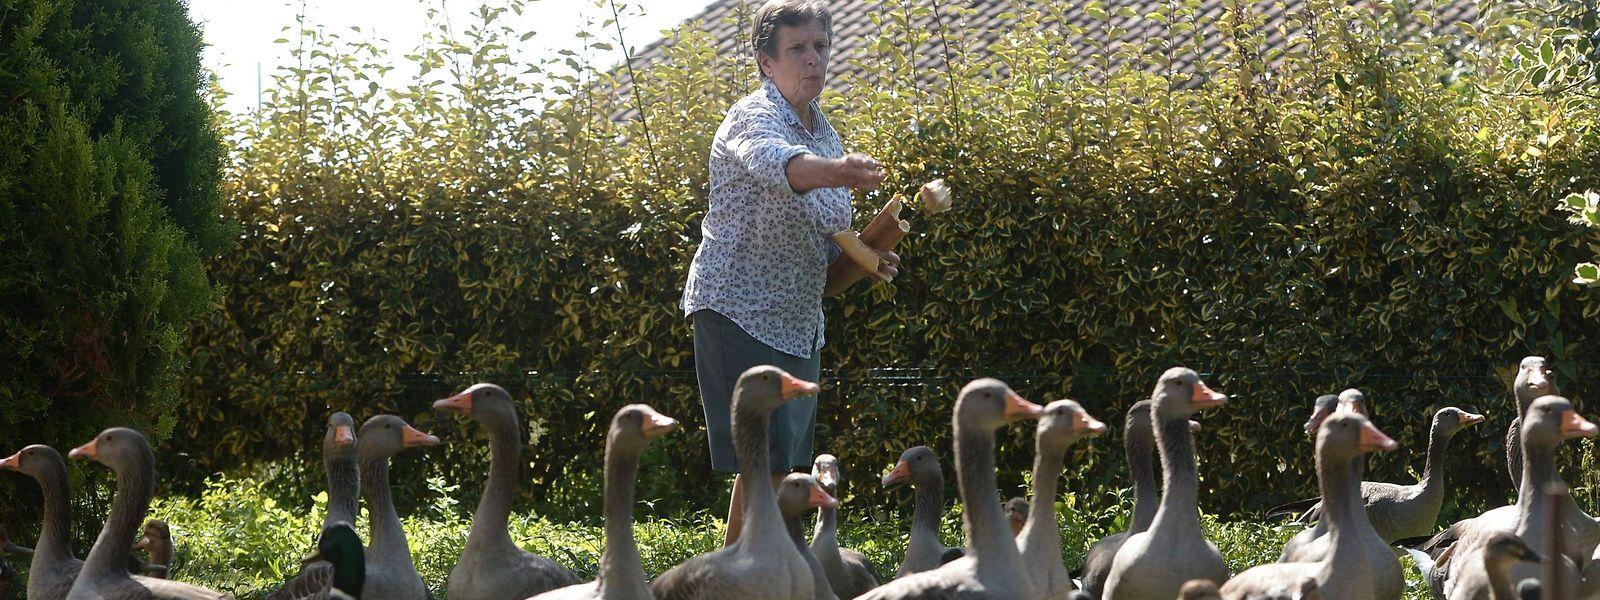 Dominique Douthe e os seus patos e gansos